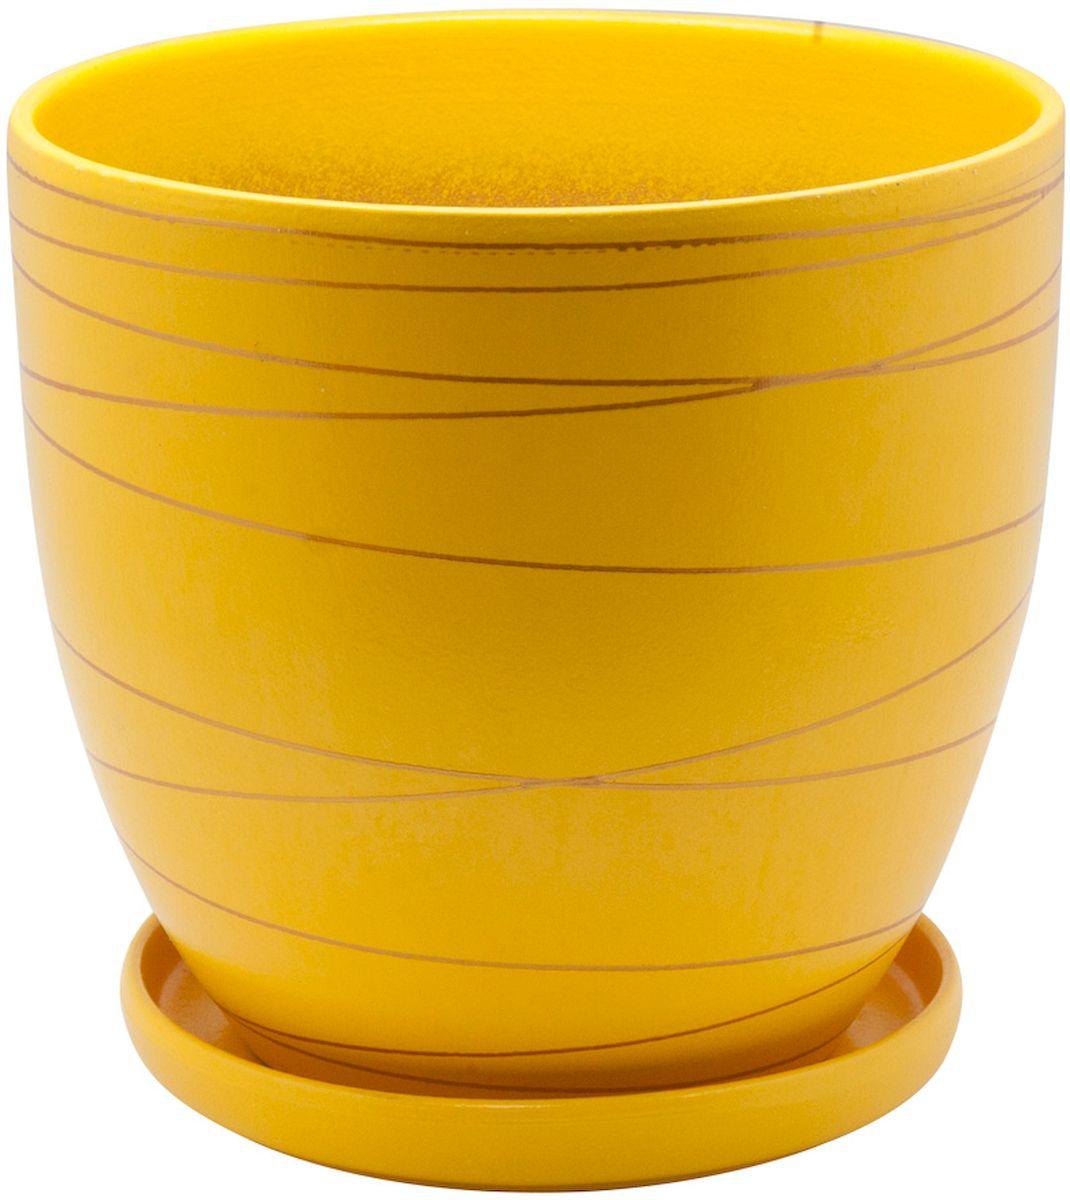 Горшок цветочный Engard, с поддоном, цвет: желтый, 0,5 л горшок керамический с поддоном листок 4 7 л желтый